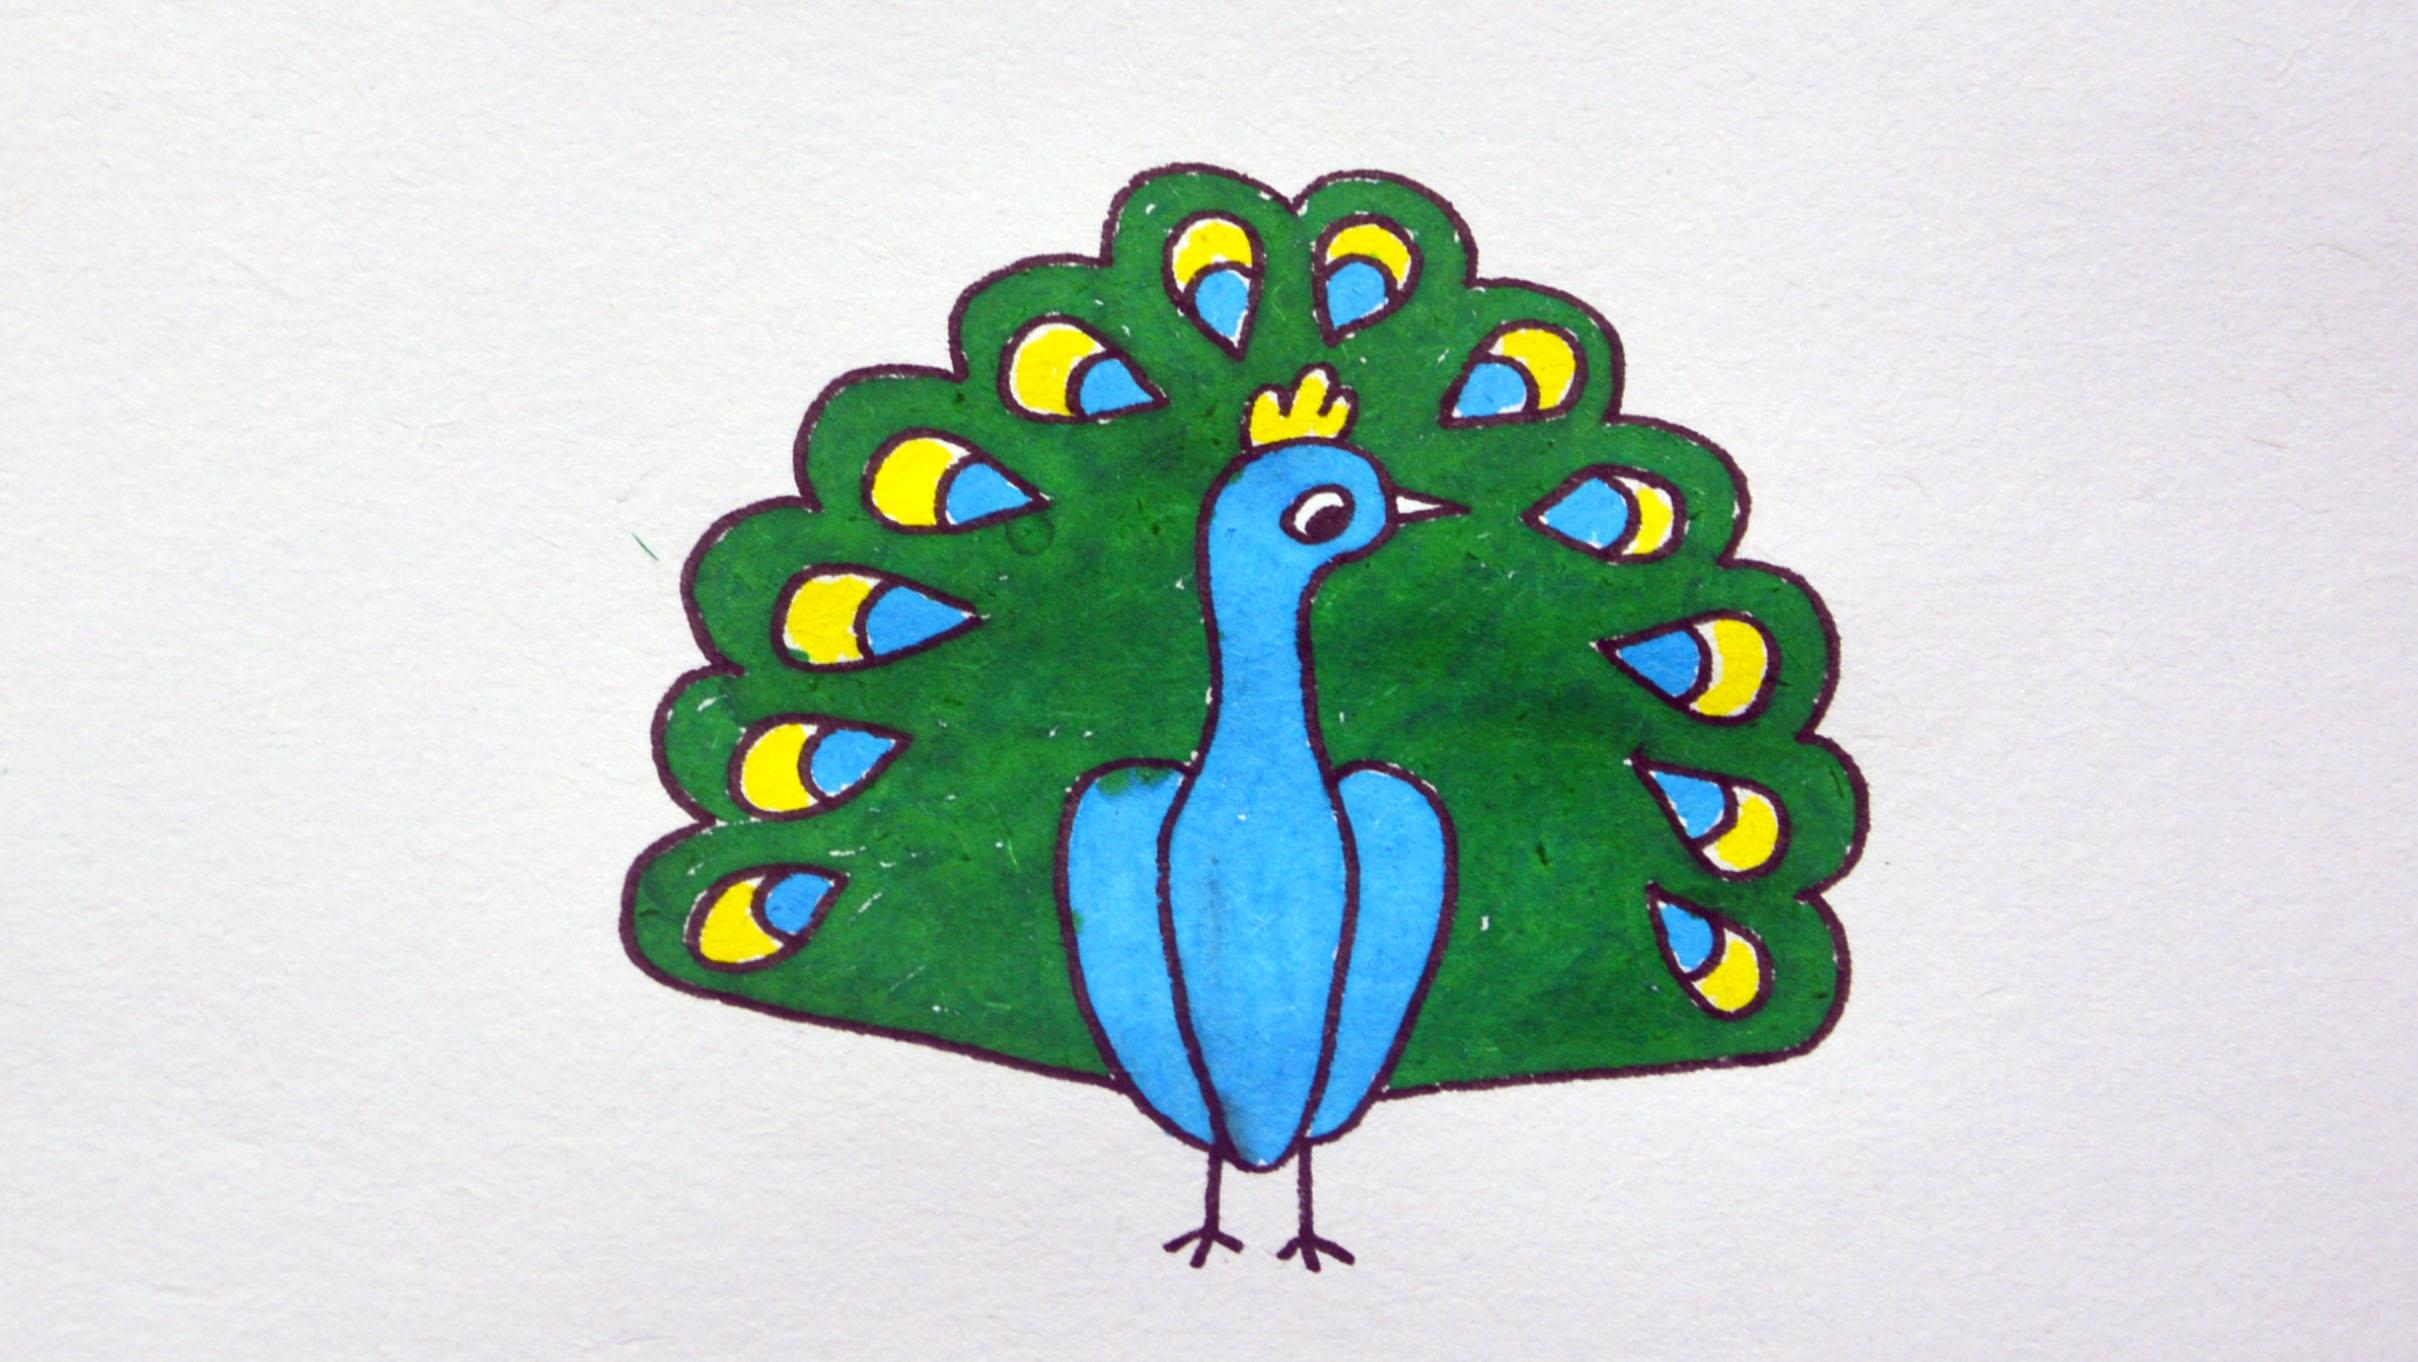 儿童简笔画孔雀,教孩子简单画出孔雀开屏简笔画